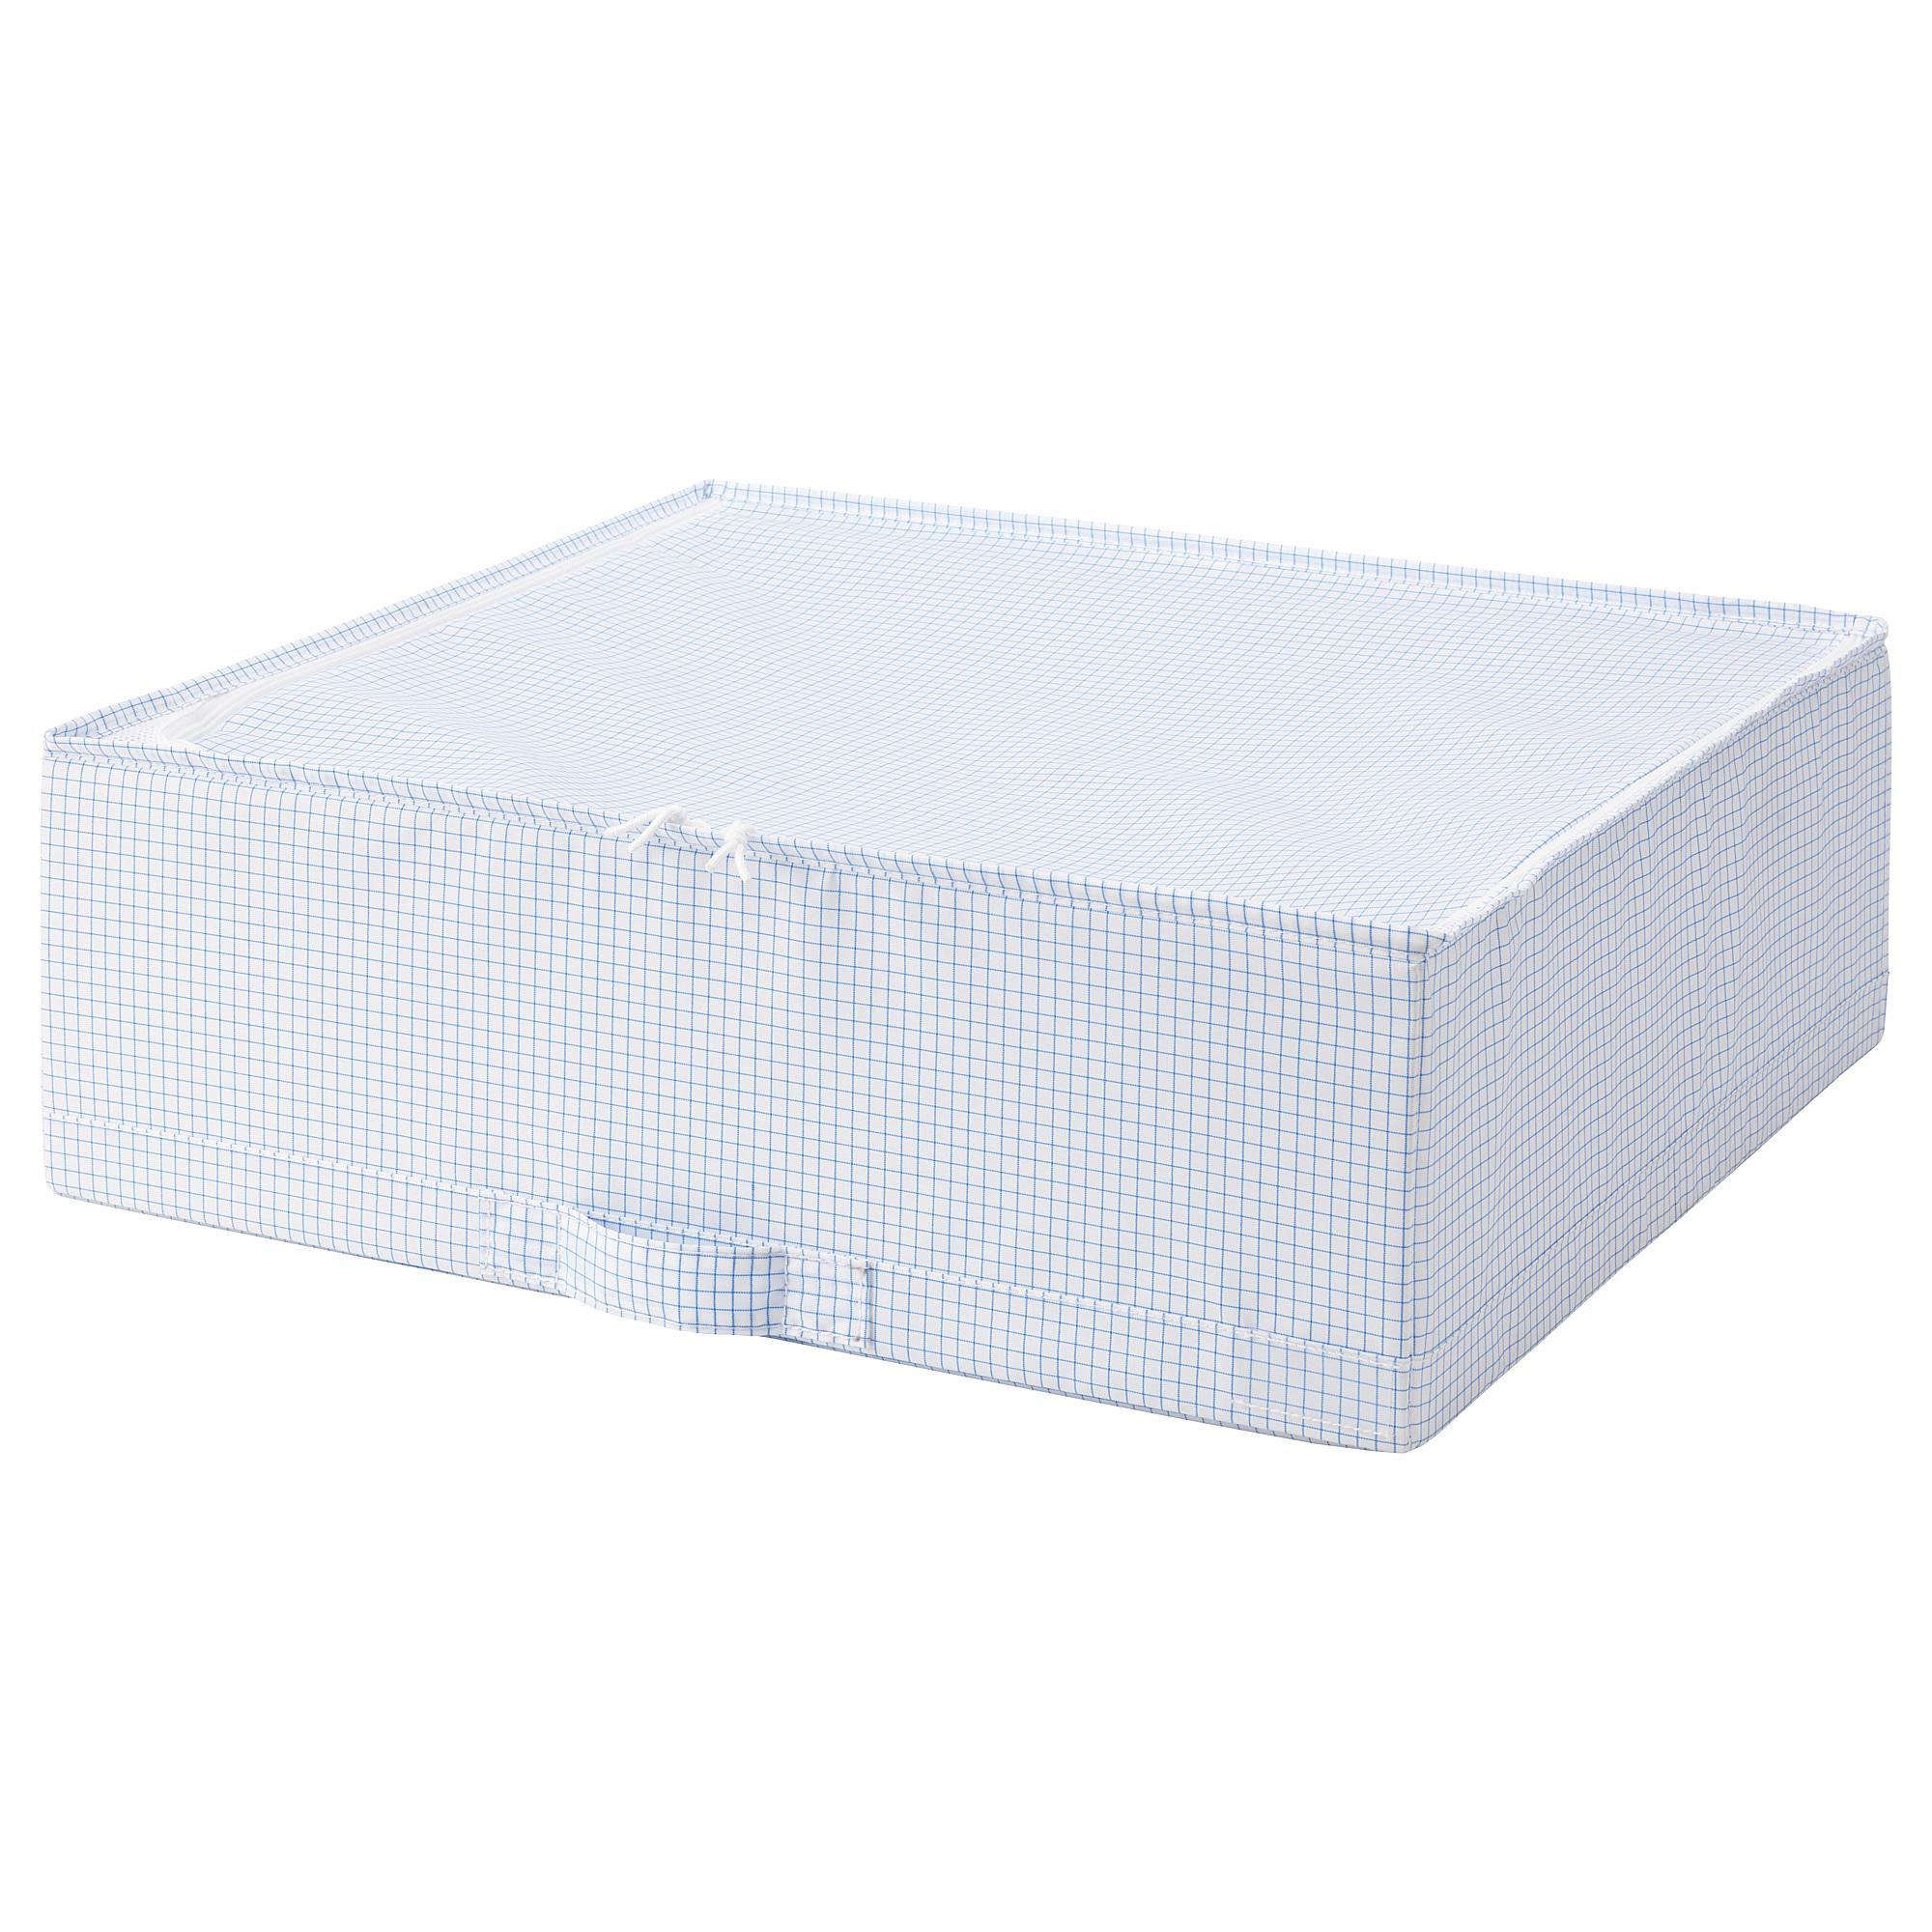 Сумка для хранения СТУК белый/синий артикуль № 703.744.87 в наличии. Интернет магазин ИКЕА Беларусь. Недорогая доставка и установка.